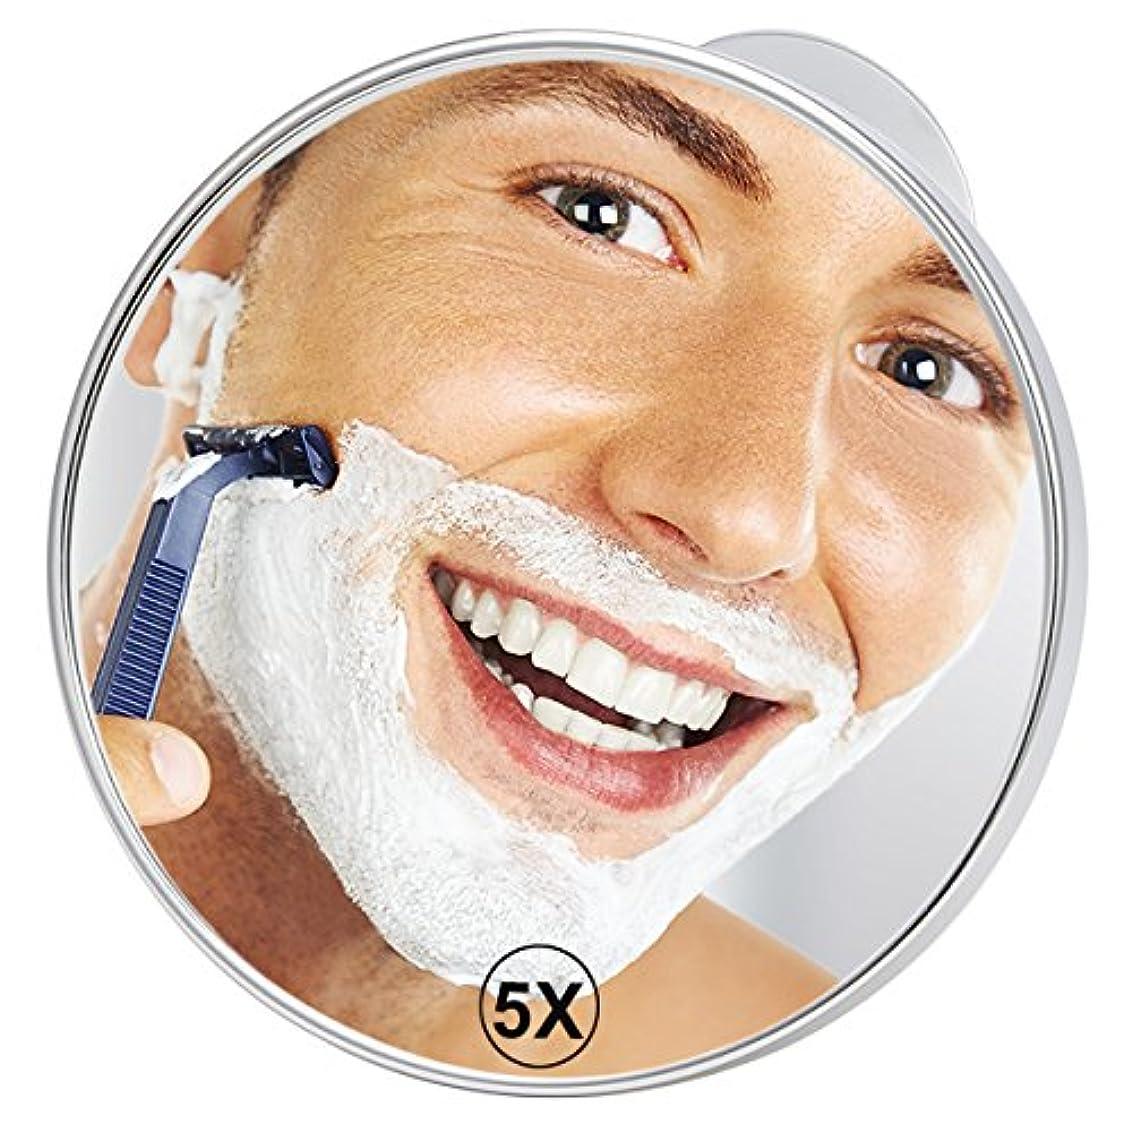 精神的に混雑アプローチ21cm 浴室鏡 鏡 壁掛け 浴室用化粧鏡 5倍拡大鏡 シャワーミラー 強力吸盤付、き シミ、しわ、お肌のお手入れをチェックできて、髭剃り